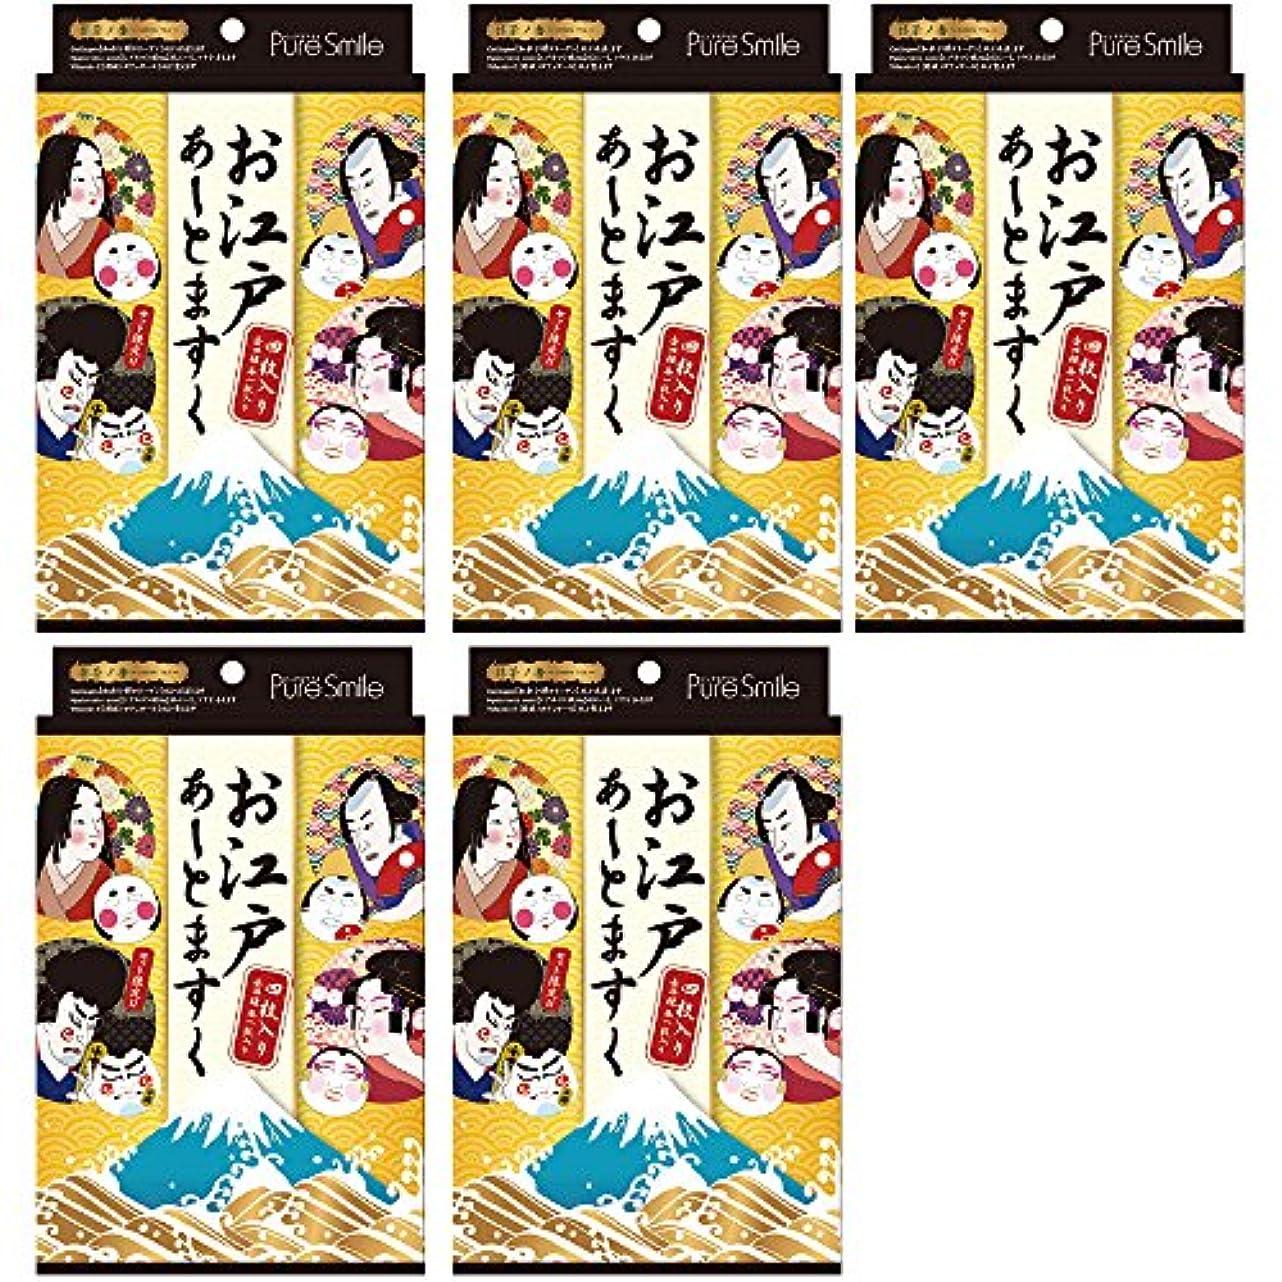 チューブビリーヤギ素晴らしきお江戸アートマスク 4枚入りセットBOX 5セット